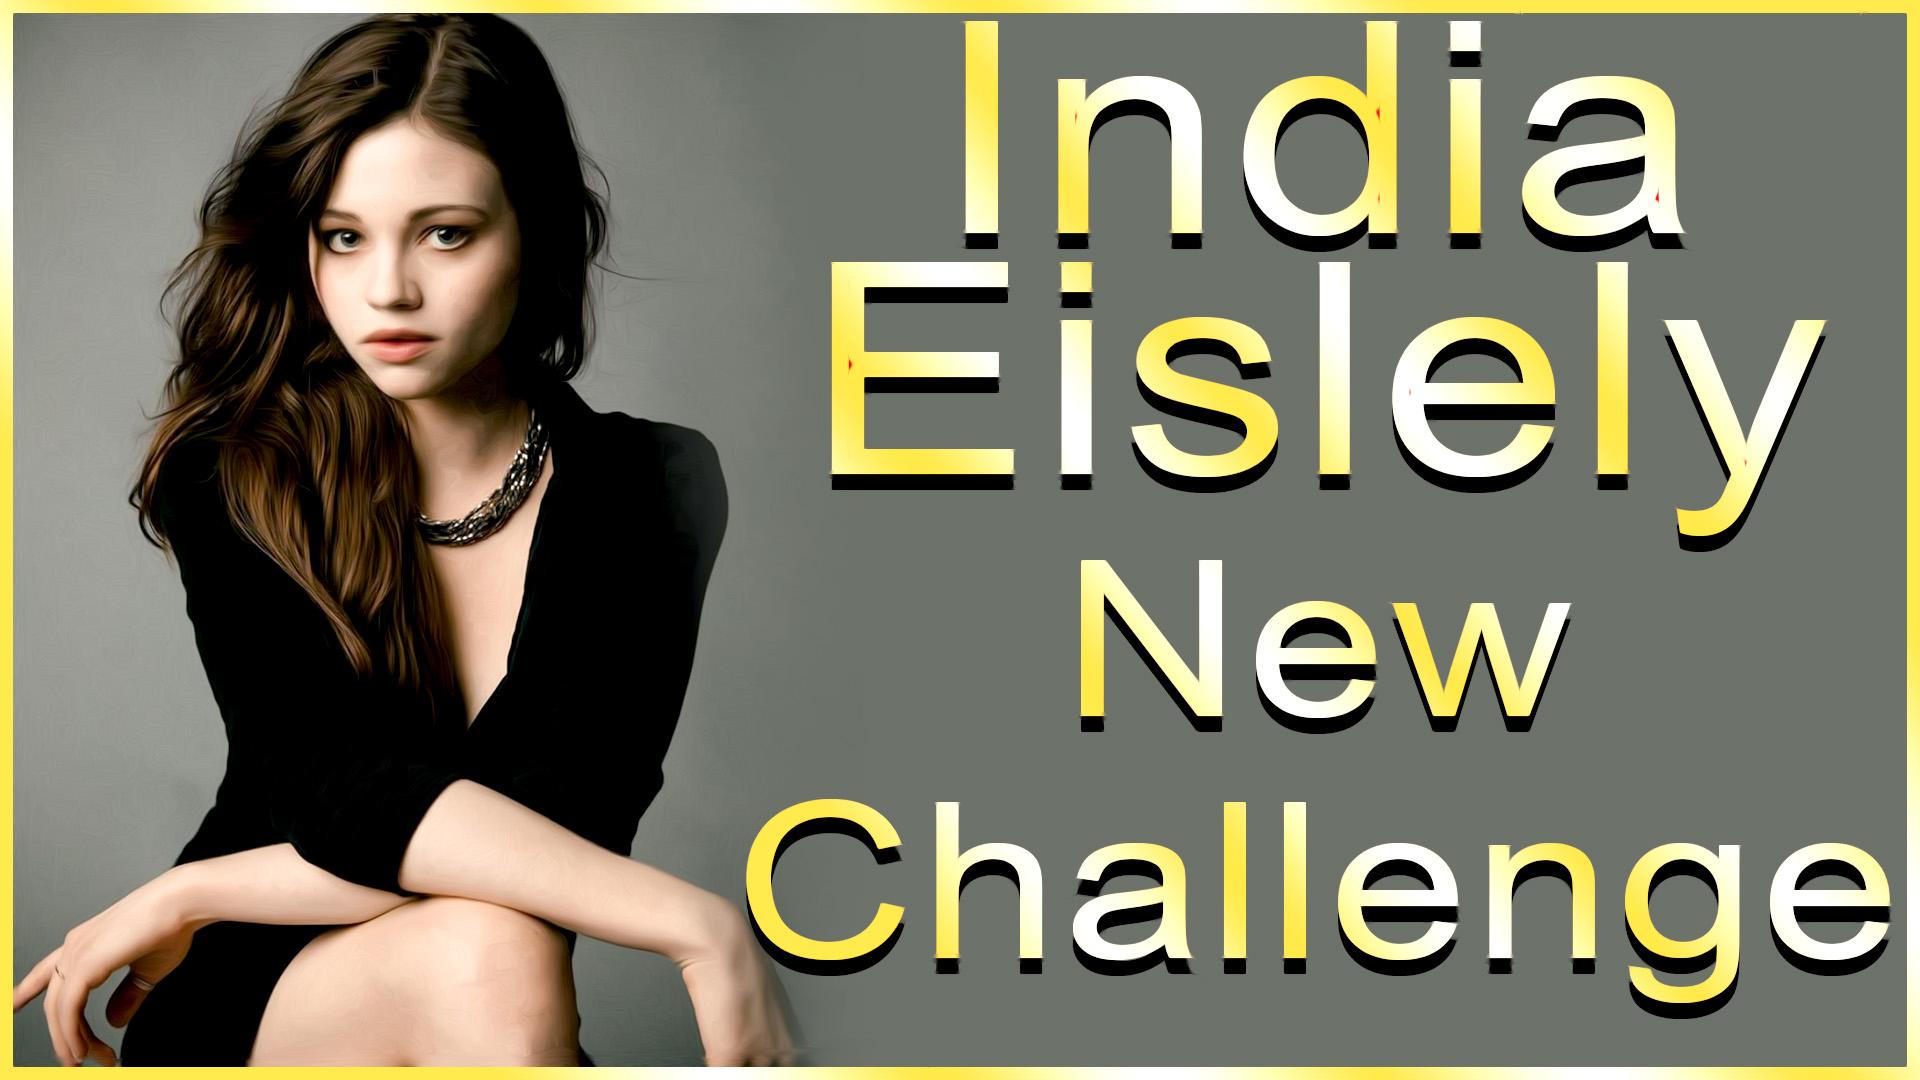 Bikini india eisley India Eisley